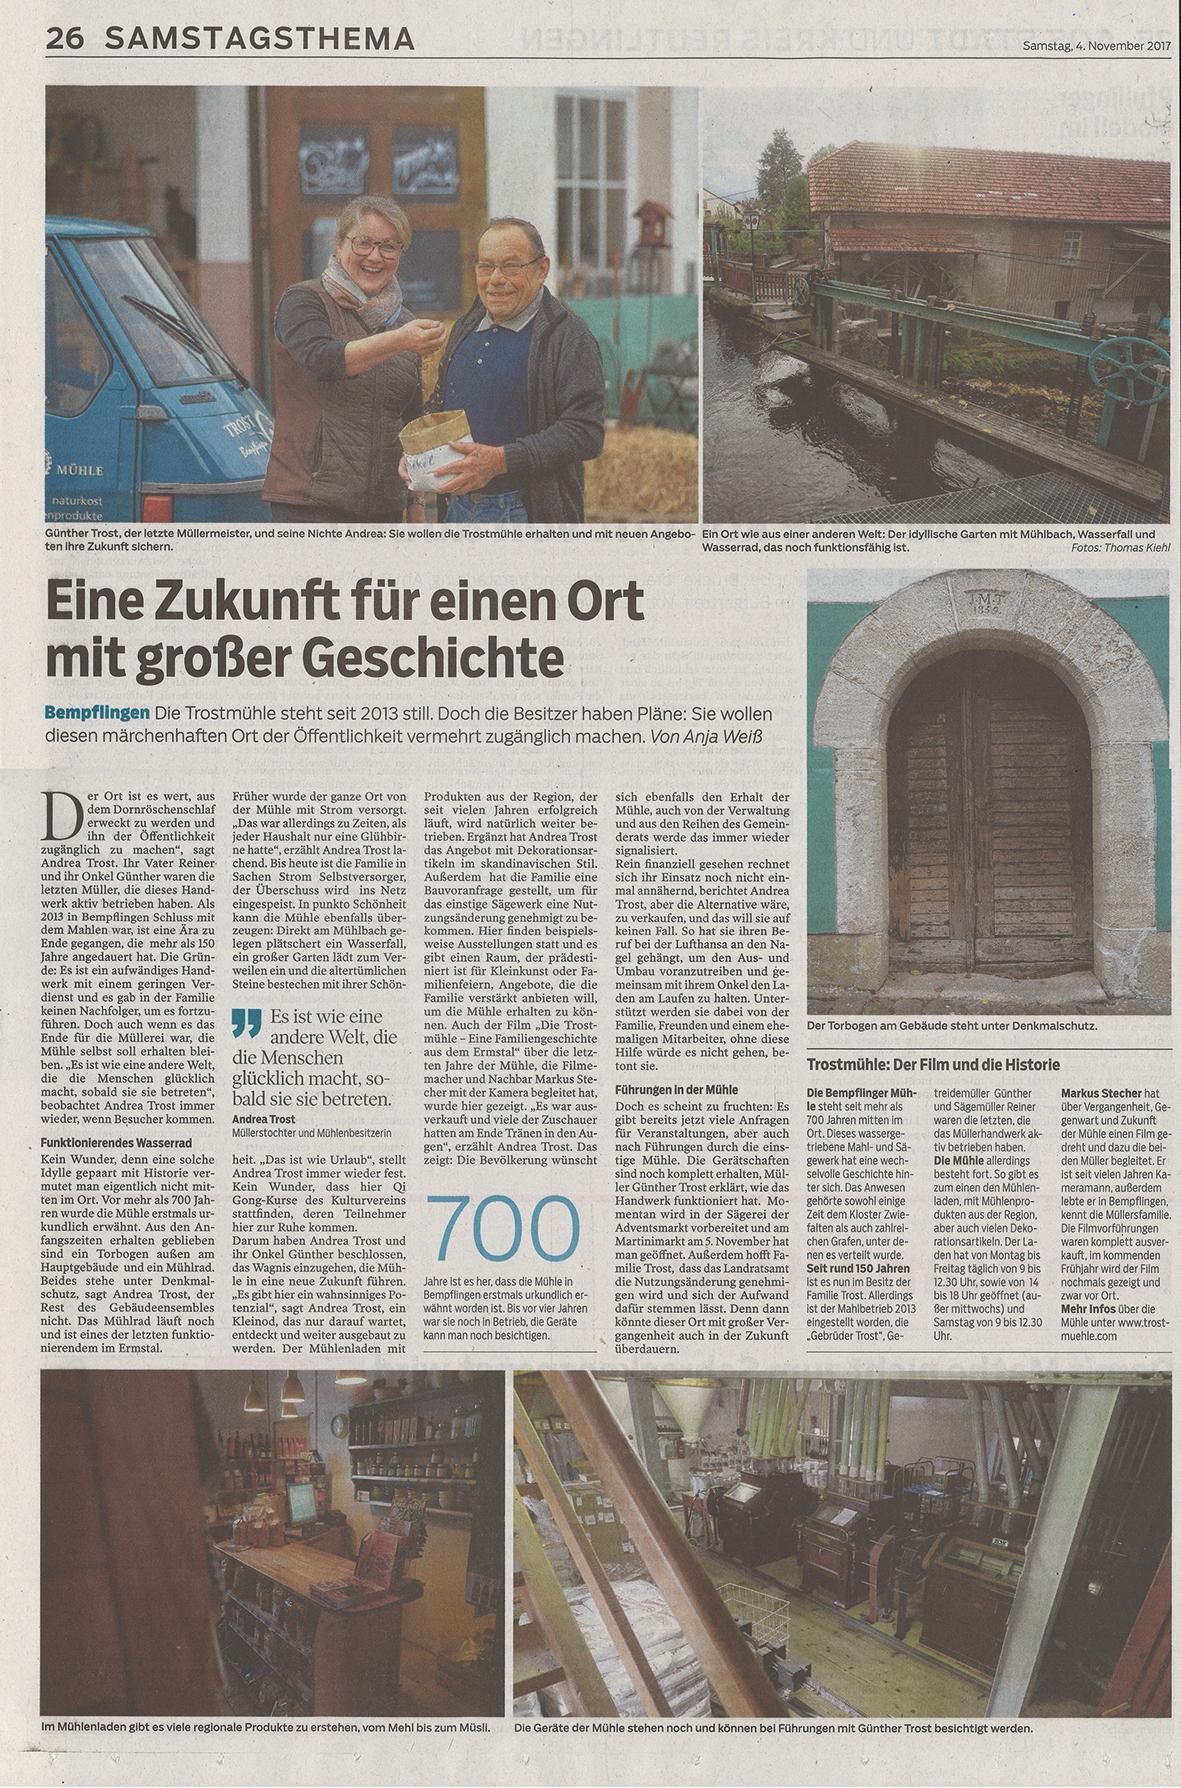 Reutlinger Zeitung.jpg